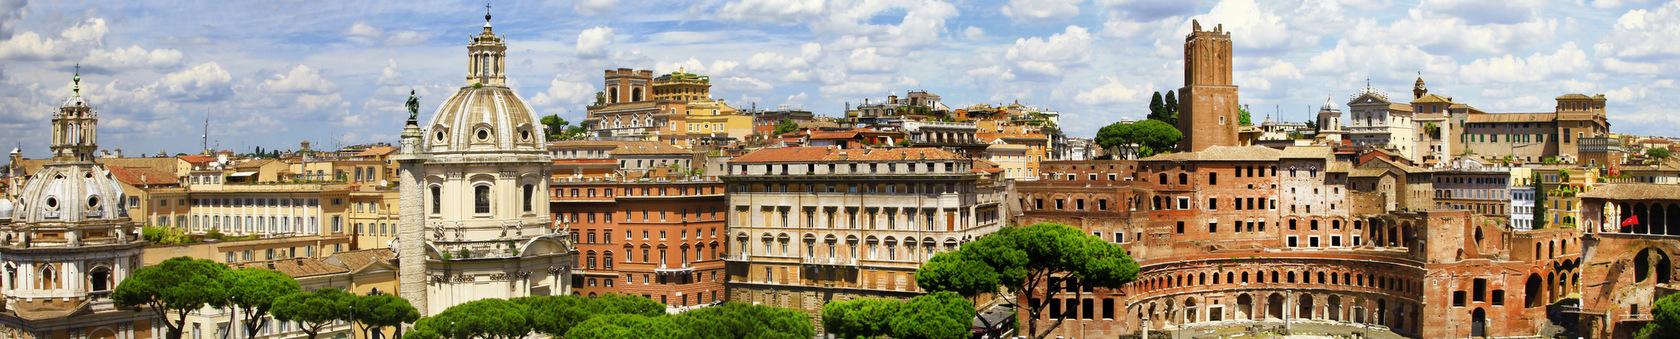 język włoski we Włoszech